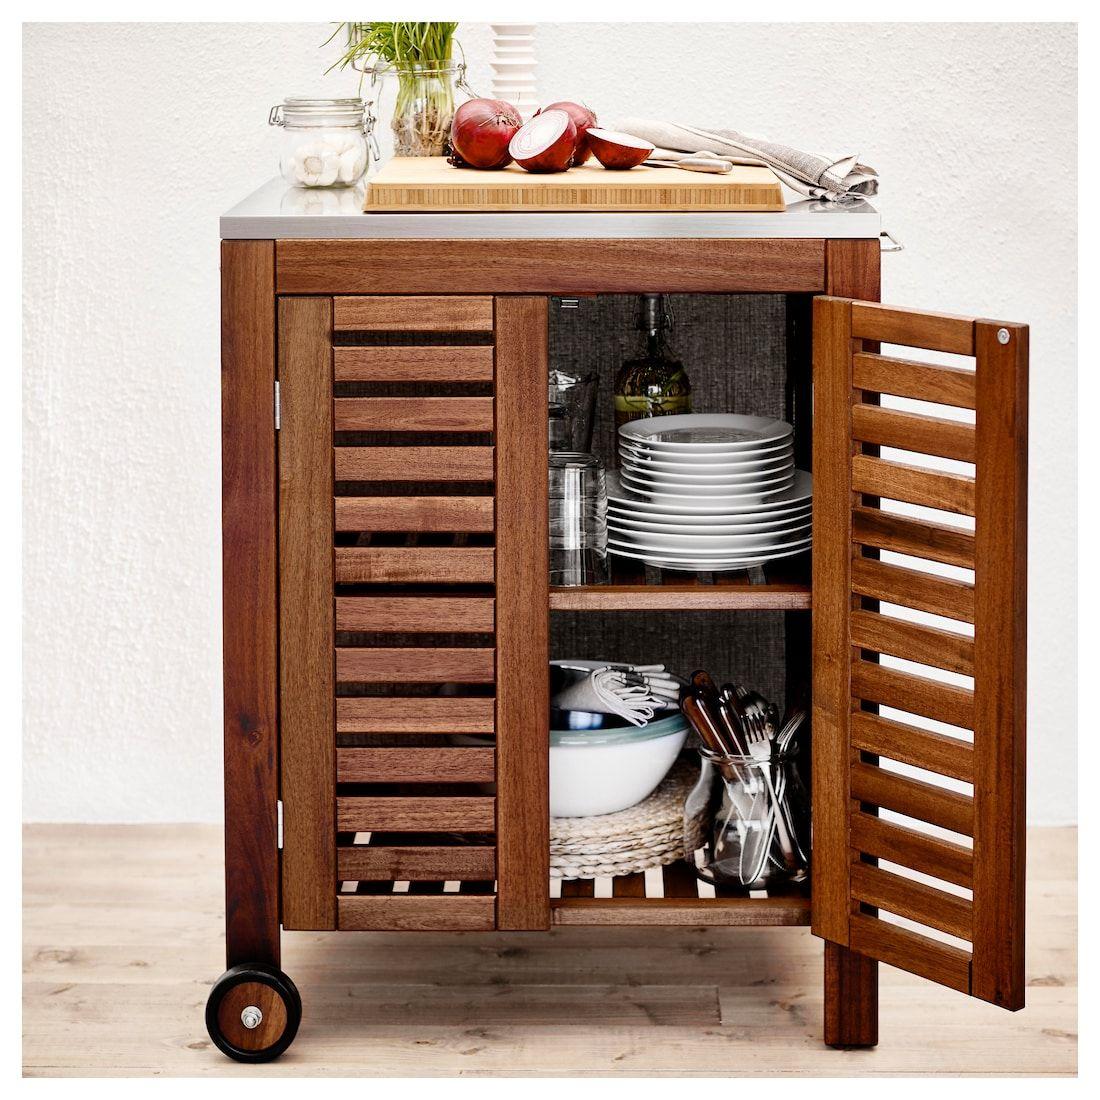 Outdoor Storage Cabinet Ikea Applaro, Outdoor Storage Cabinets Waterproof Ikea